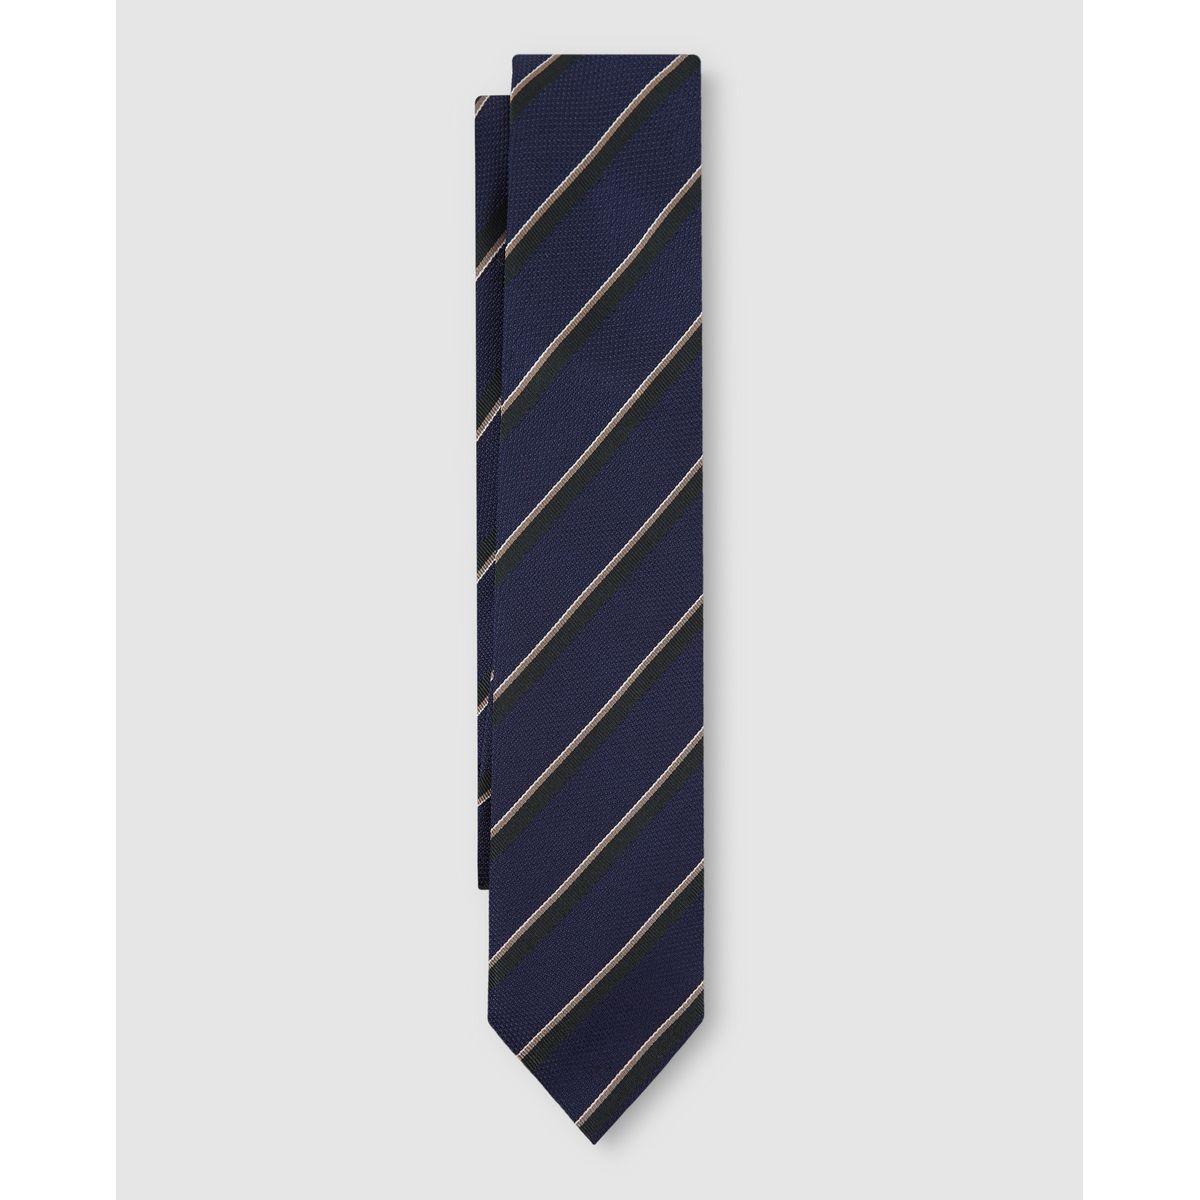 Cravate en soie naturelle à motif s